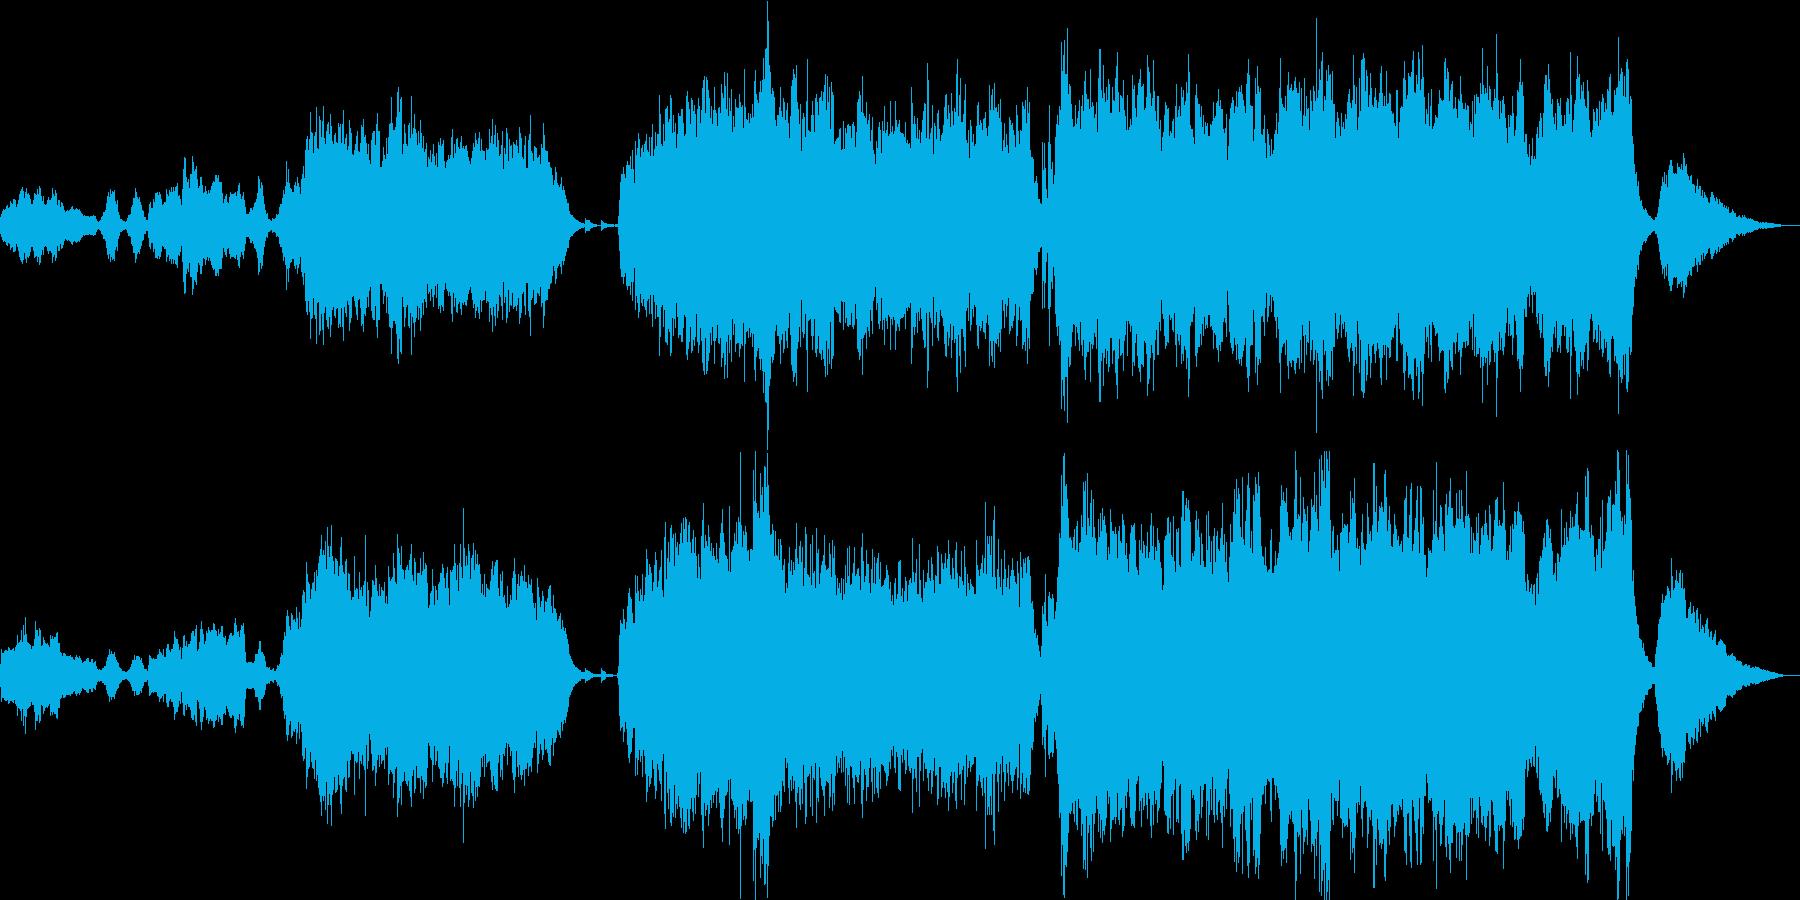 感動的なファンタジーRPG オープニングの再生済みの波形